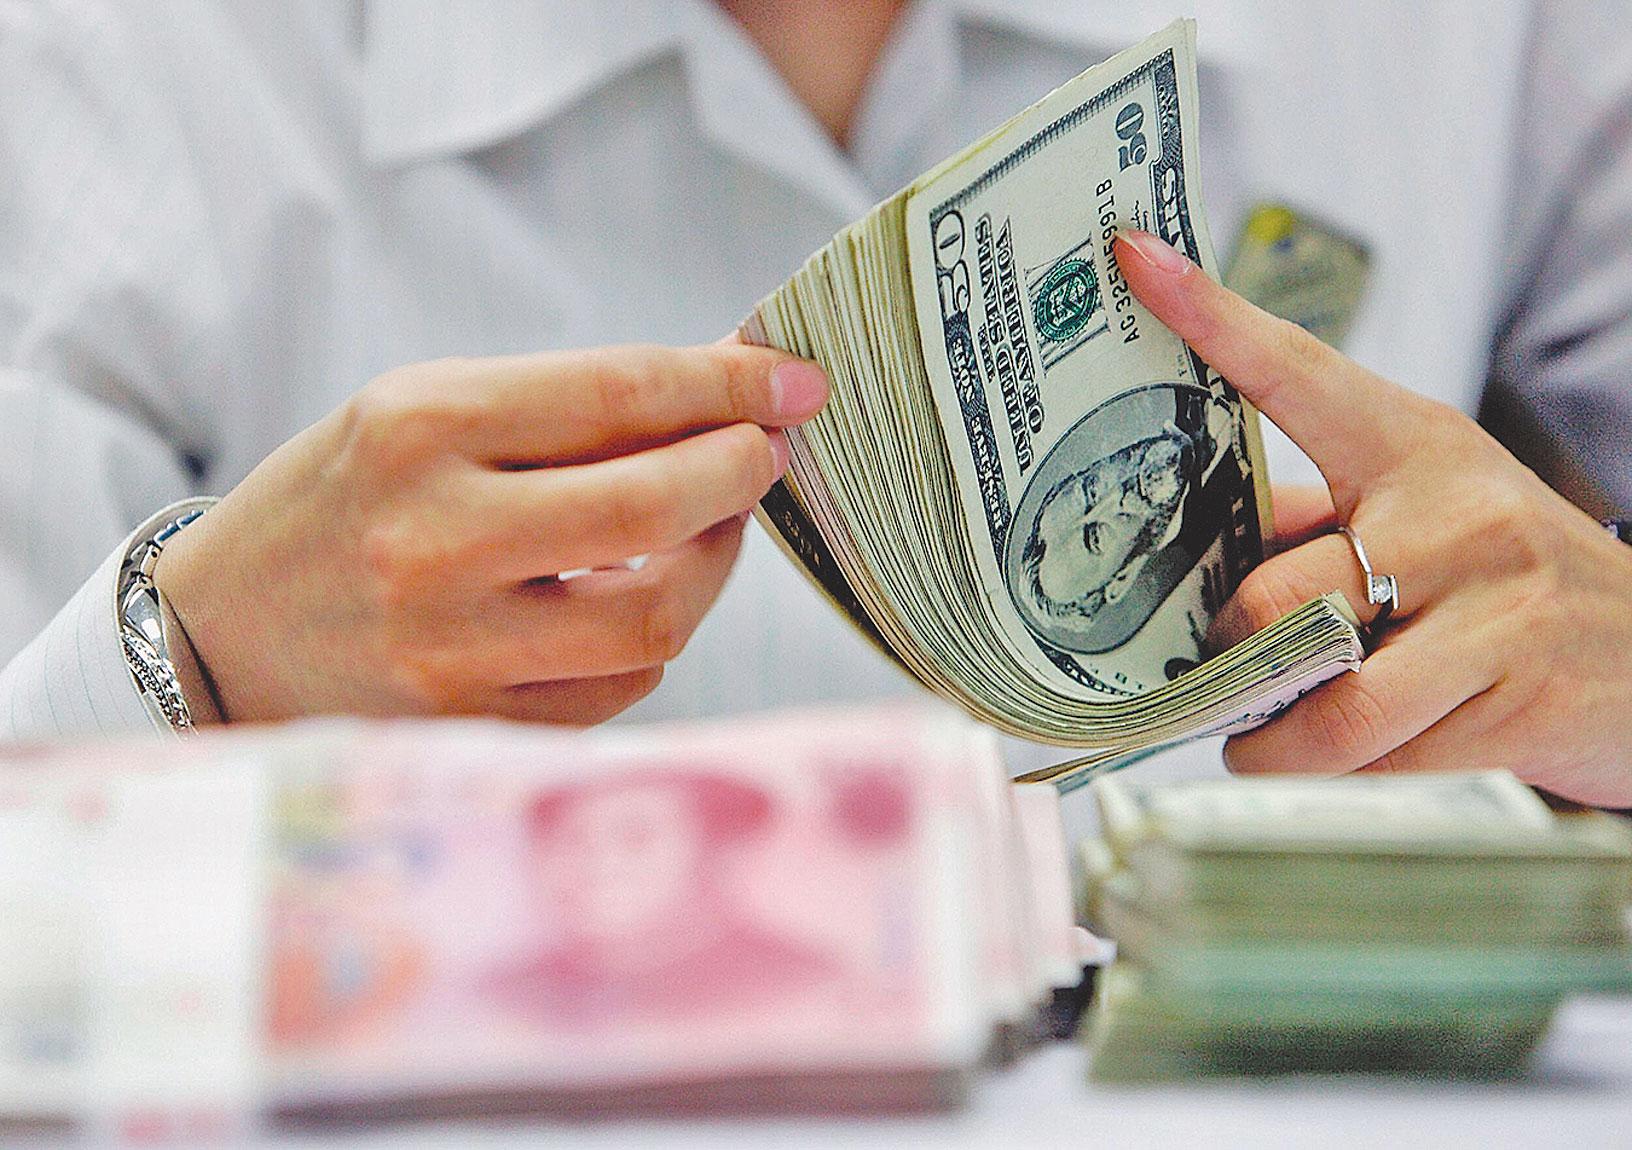 中國政府的新政策證明,中國不僅不簡單跟隨減稅,反而全面加稅,中共陷入財政危機。(Getty Images)